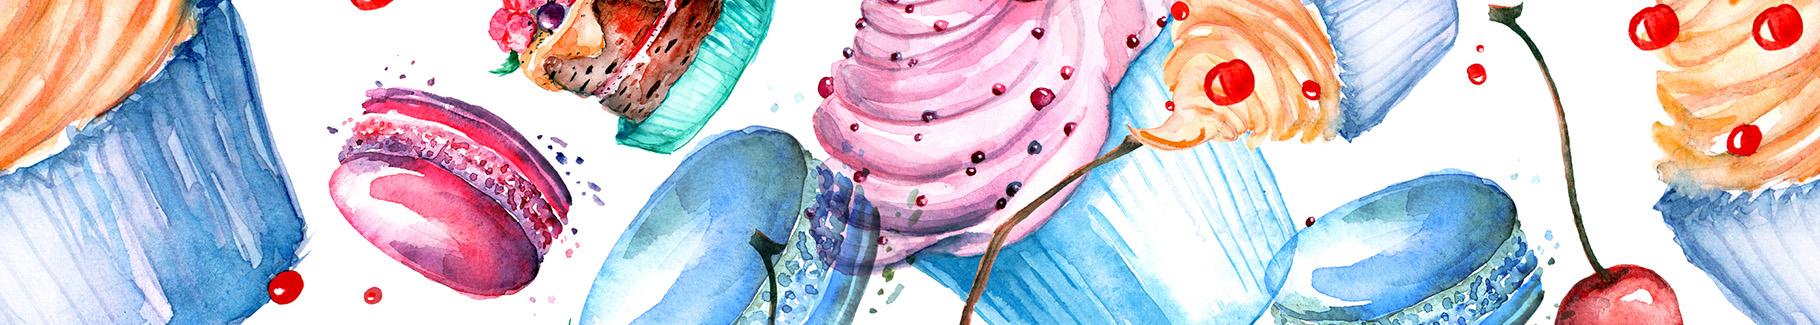 Obraz słodycze w stylu vintage